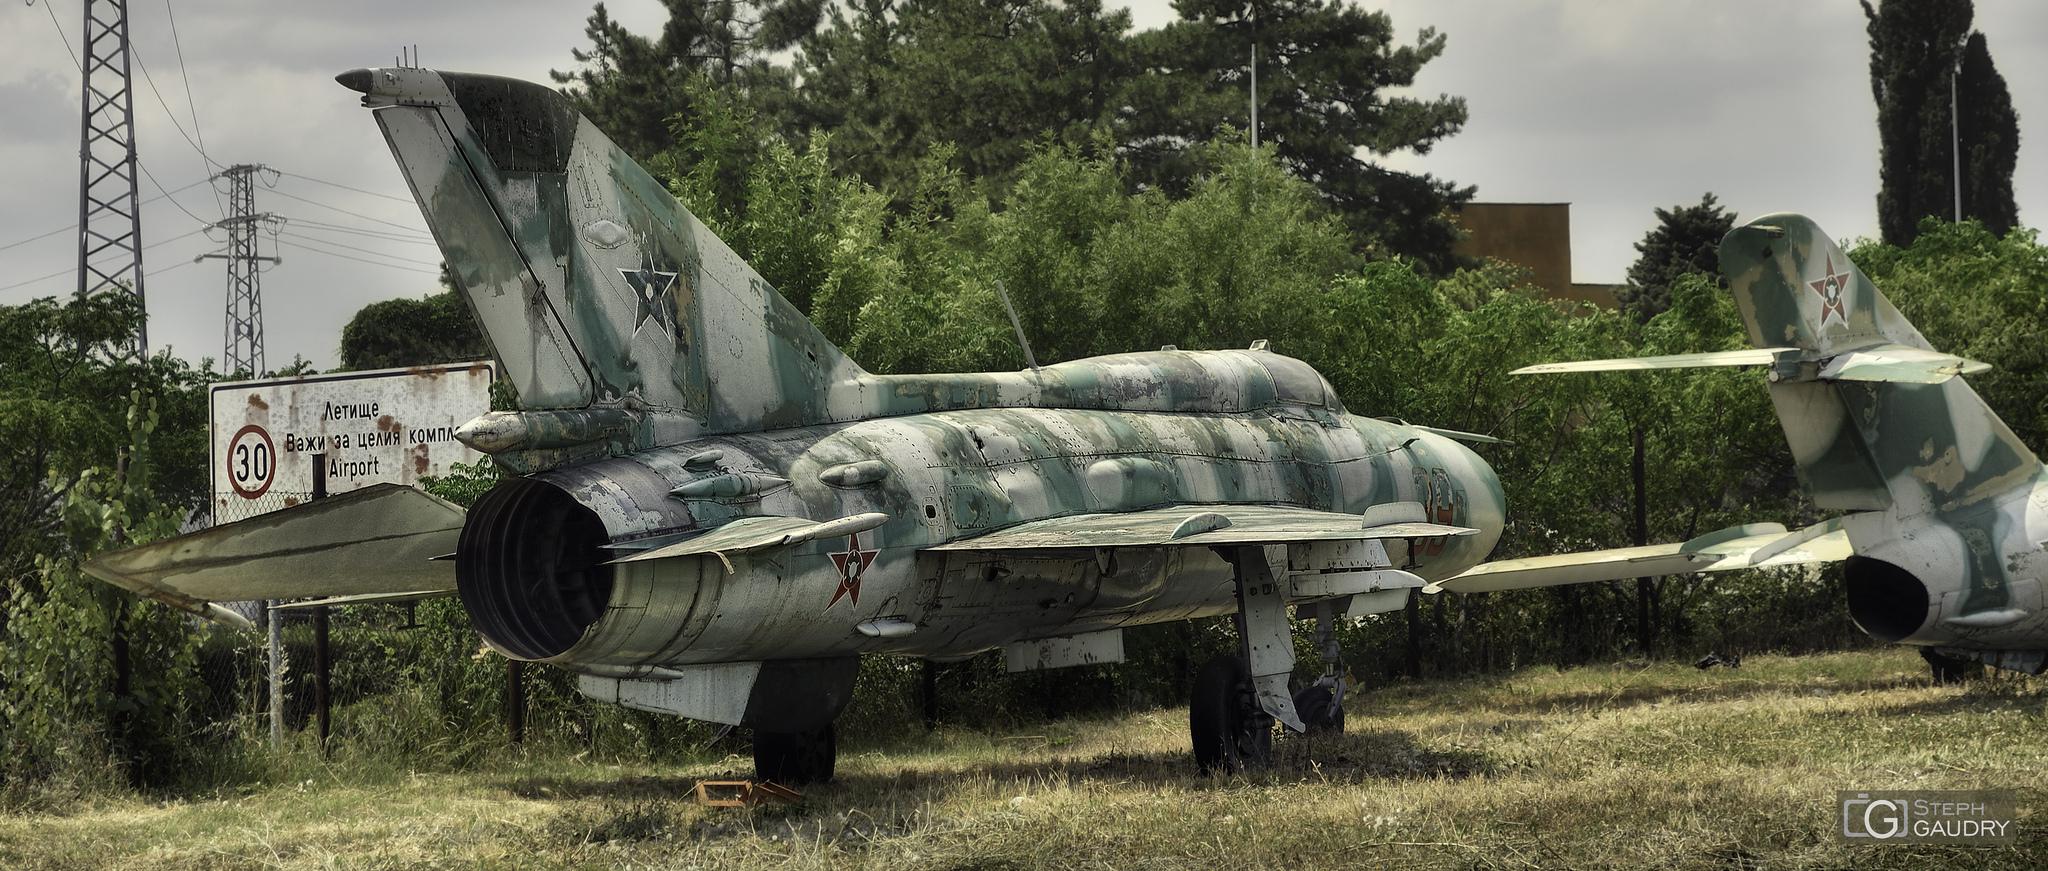 Old MiG-21 [Cliquez pour lancer le diaporama]